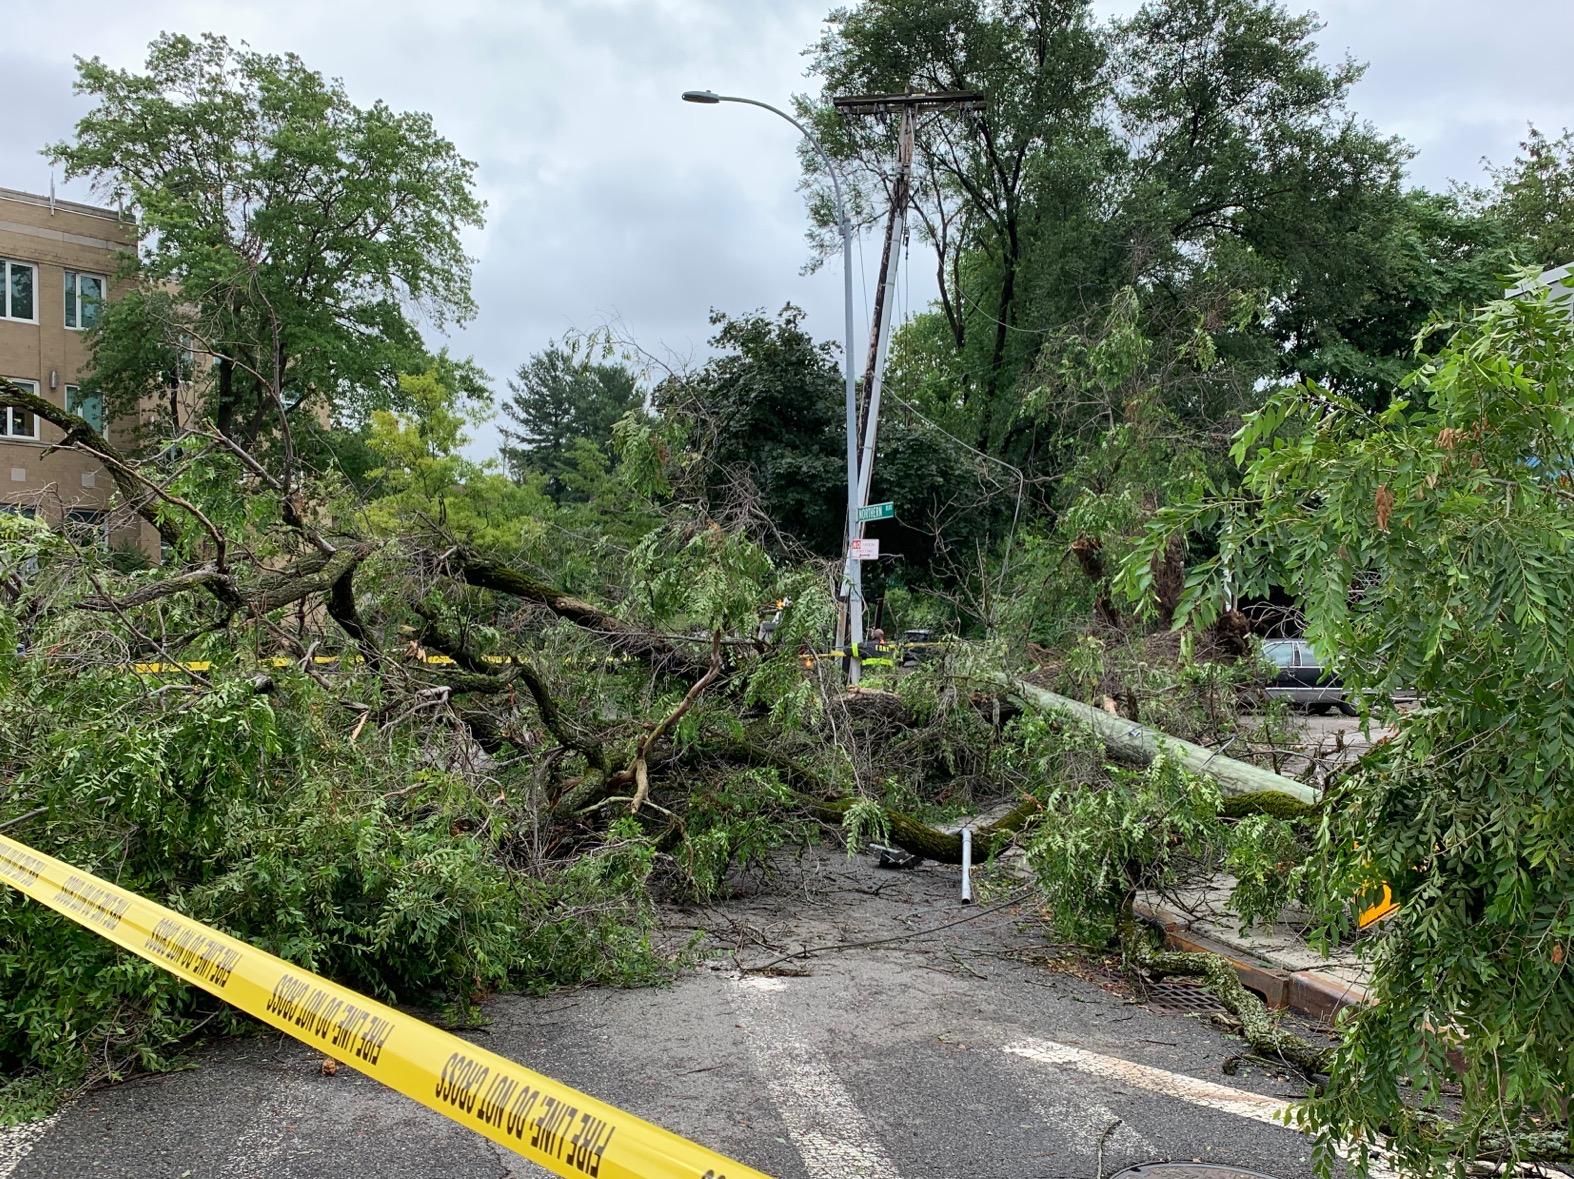 大樹被風暴颳倒,也帶倒了電線桿,造成附近社區停電。(記者曹健╱攝影)